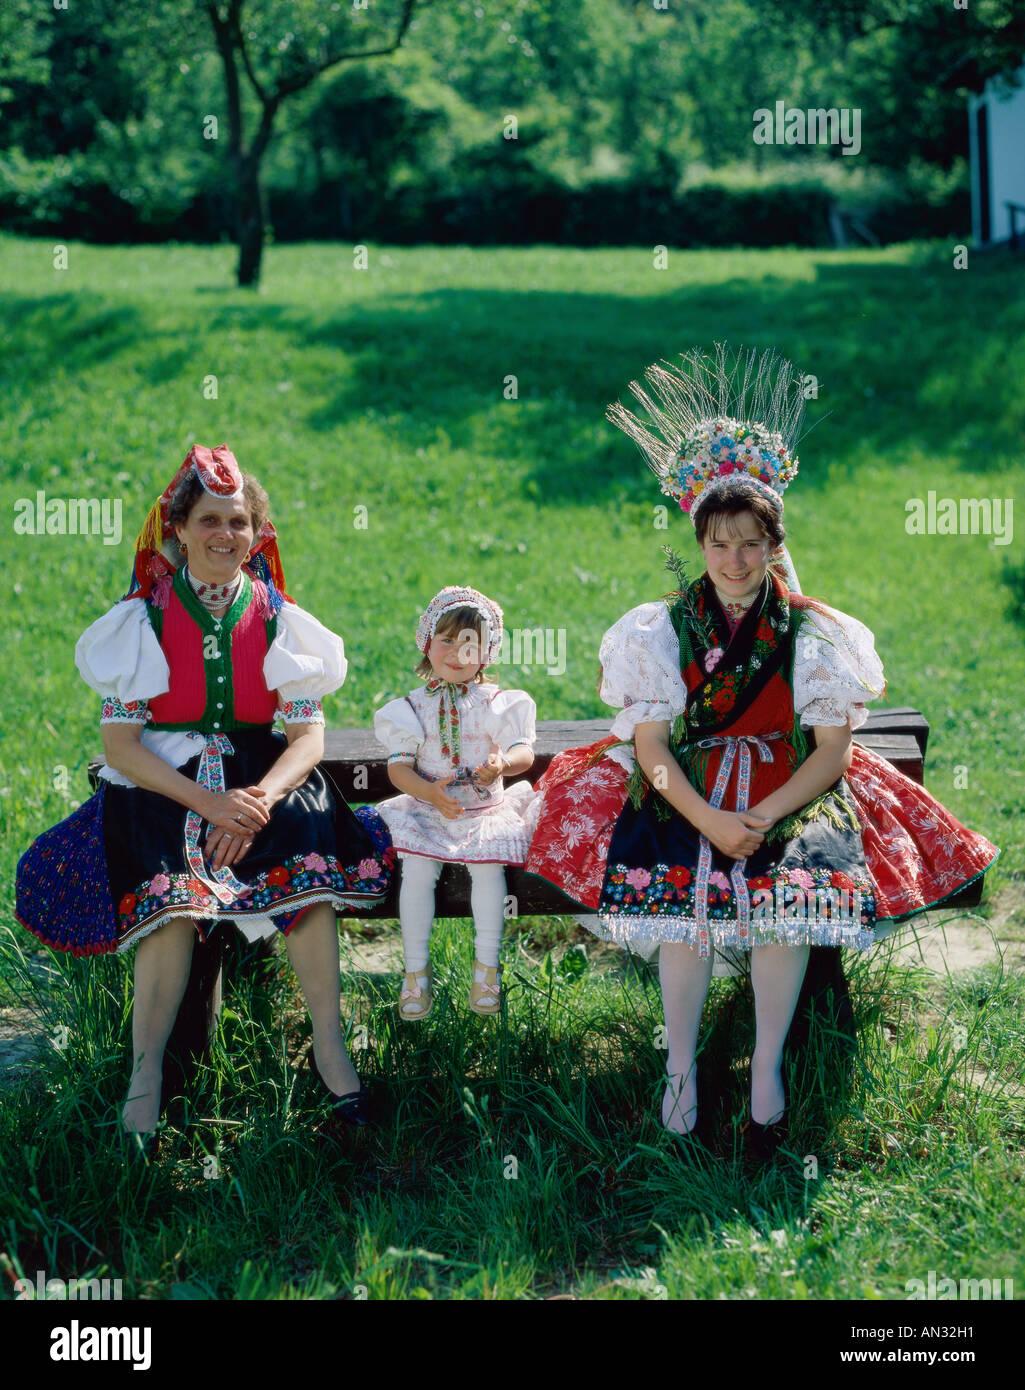 Il folclore tradizionale costume, Ungheria Immagini Stock